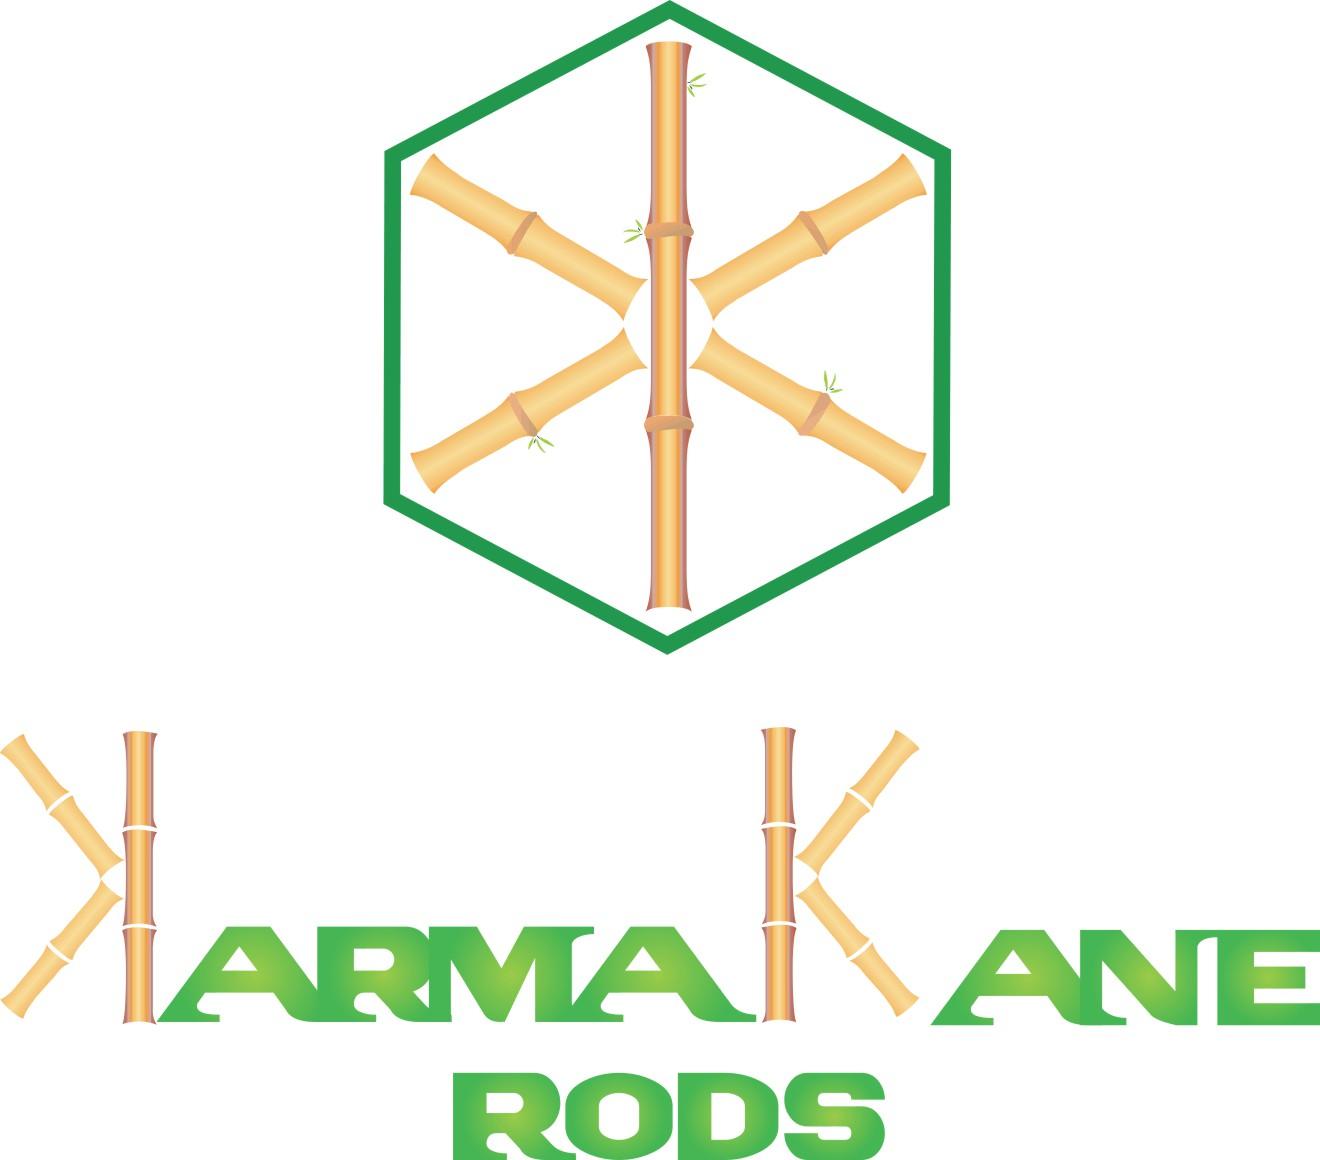 Vman_Logo_Green_DONE.jpg